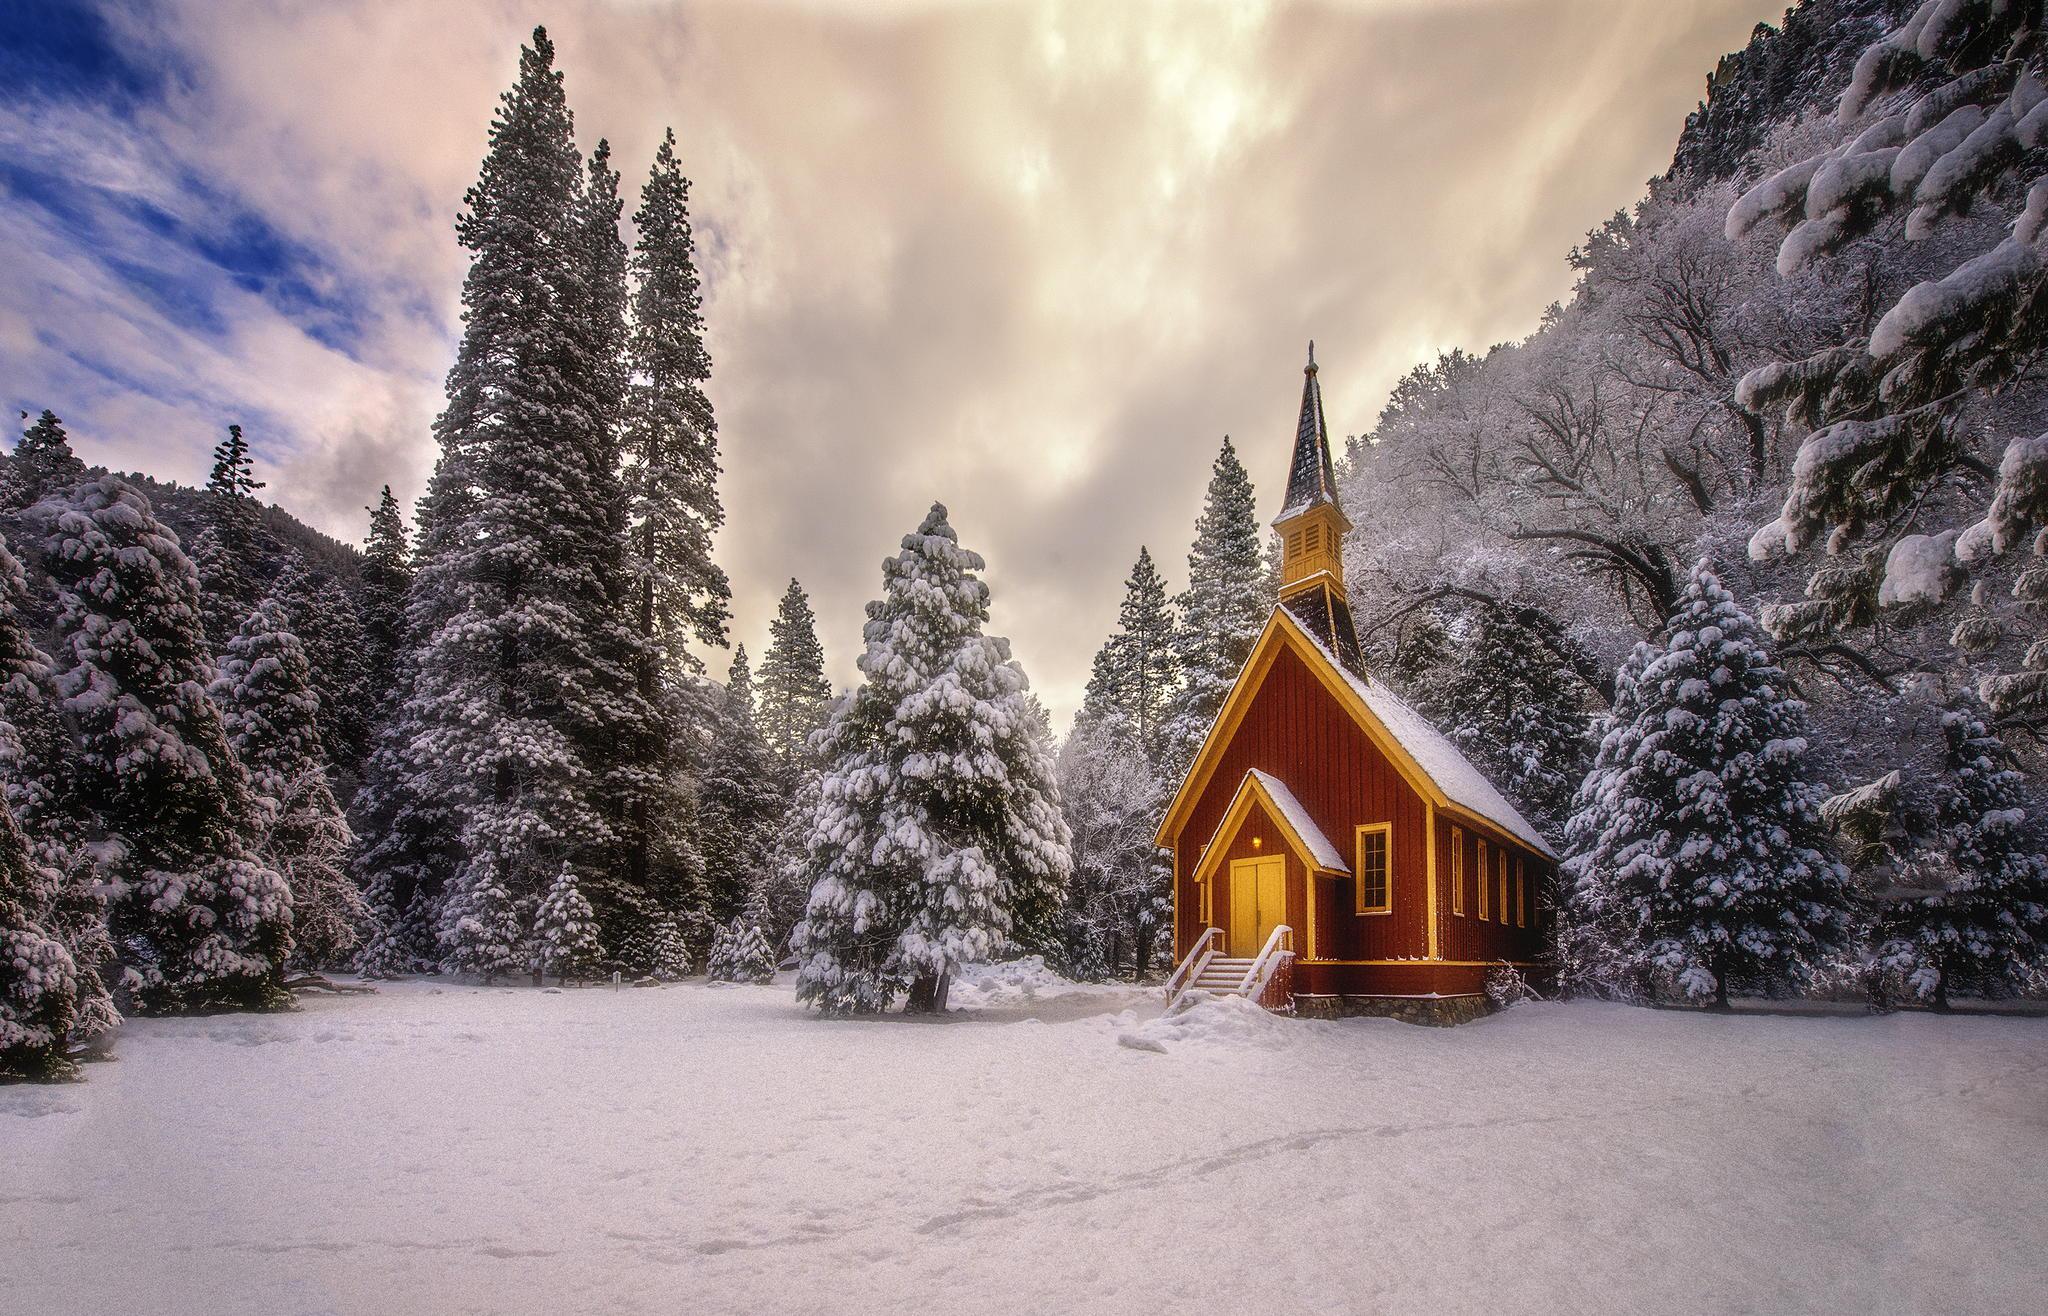 эффектный стильный картинки новогоднего леса нужно сделать